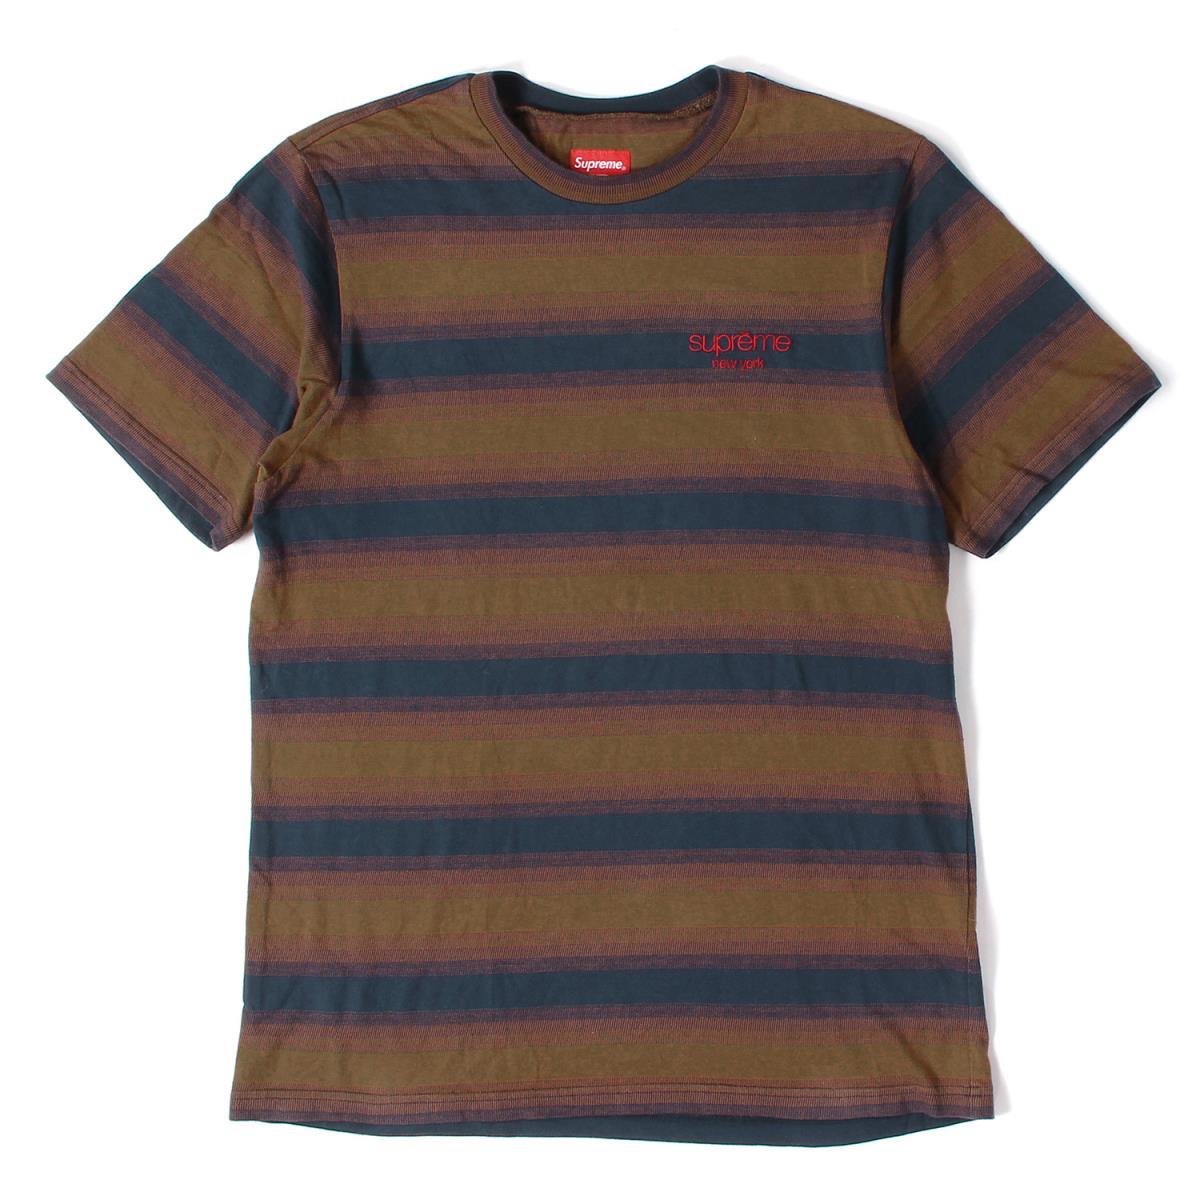 Supreme (シュプリーム) 18AW クラシックロゴ刺繍グラデーションボーダーTシャツ(Gradient Striped S/S Top) ブラウン×ネイビー M 【メンズ】【中古】【美品】【K2370】【あす楽☆対応可】